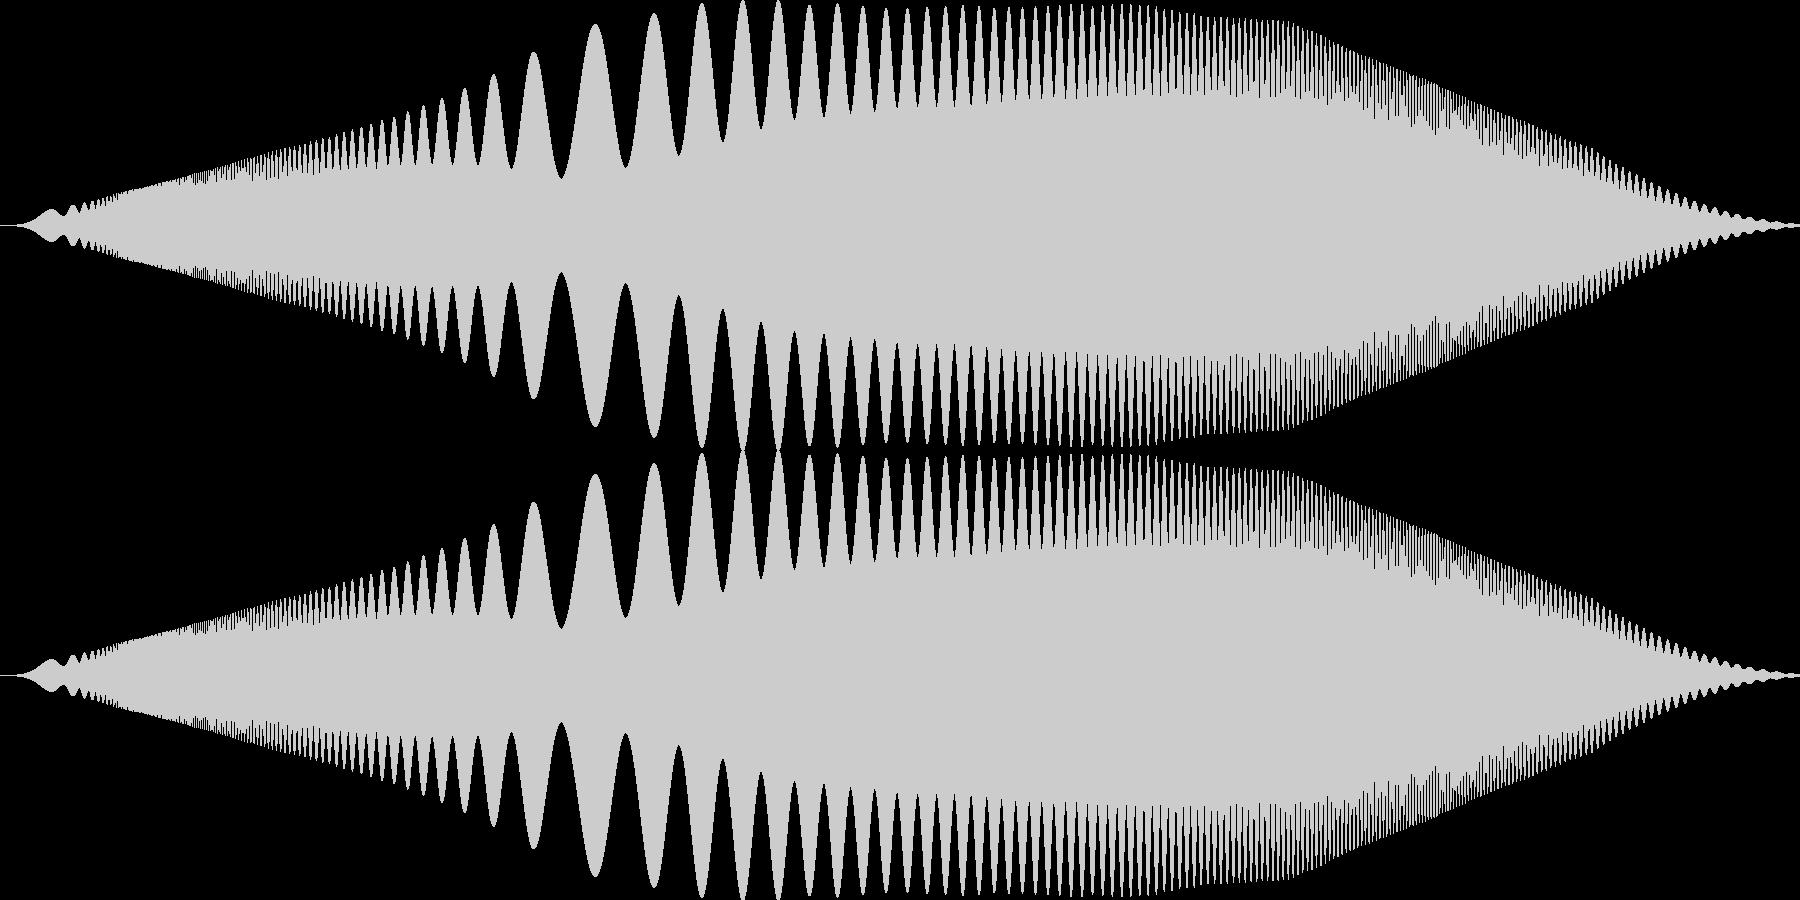 ぴゆわぁお みたいな音です。の未再生の波形